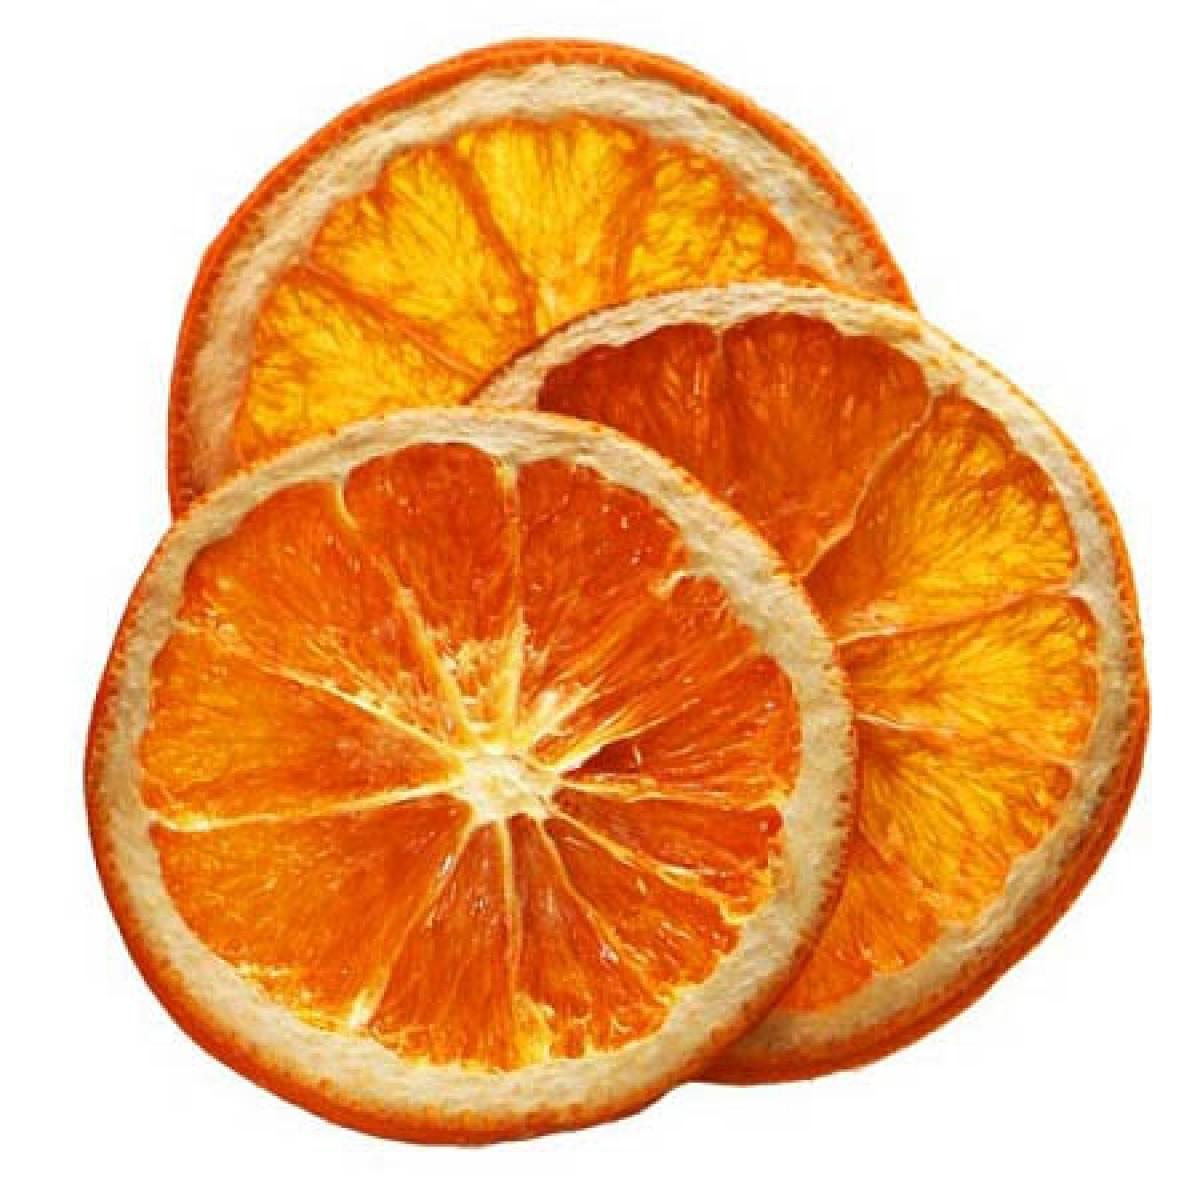 Πορτοκάλι (10 Τεμ.) Υλικά Χειροτεχνίας